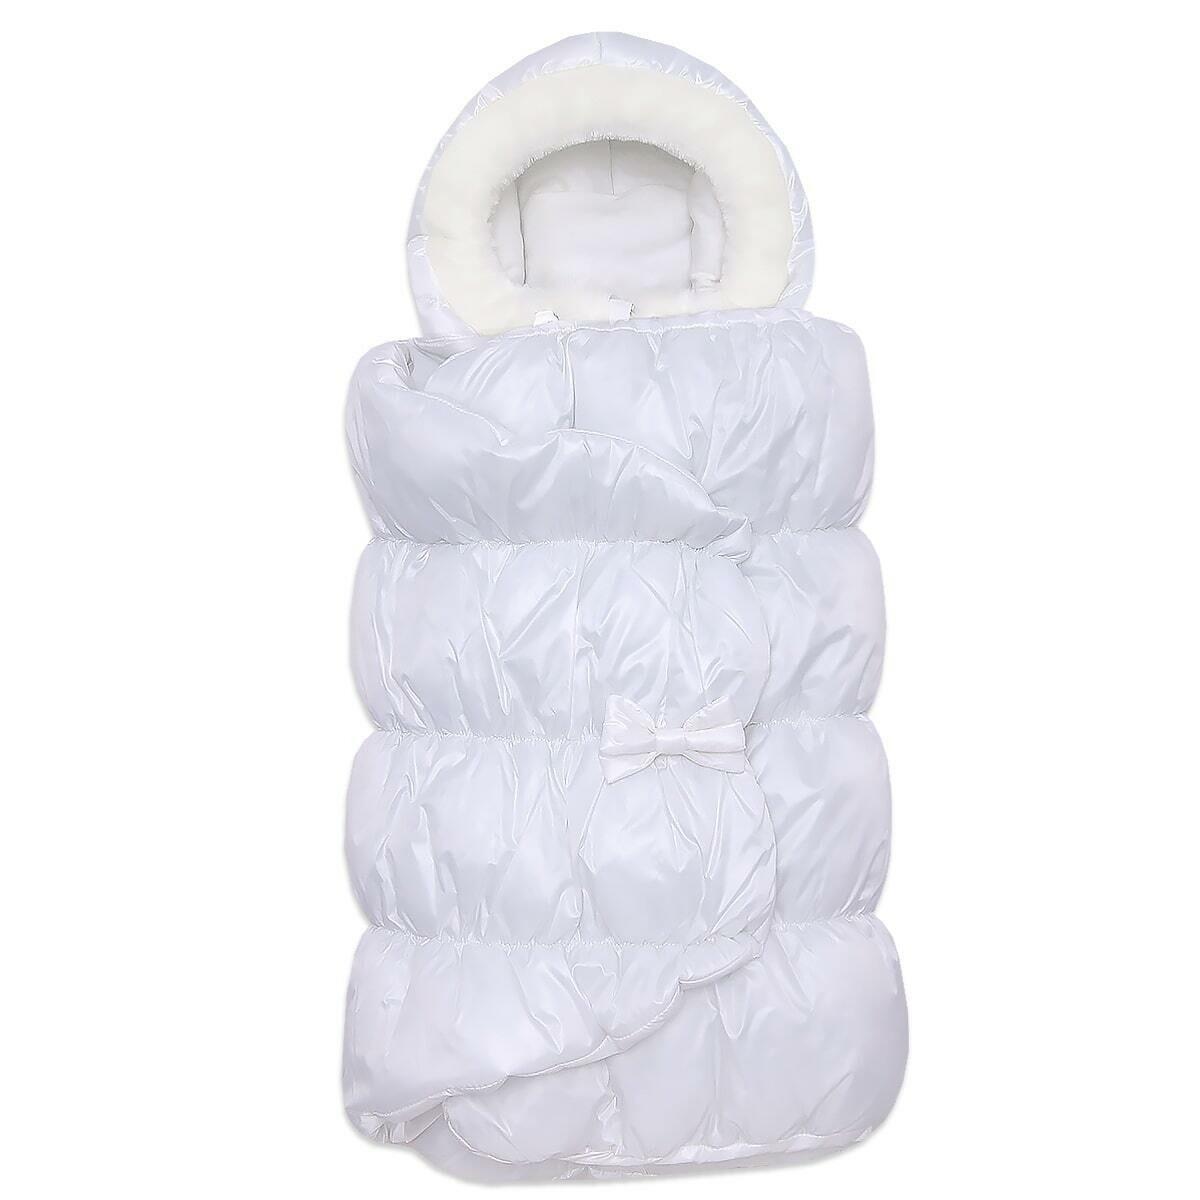 Конверт-кокон Бамбино, зима, молочный